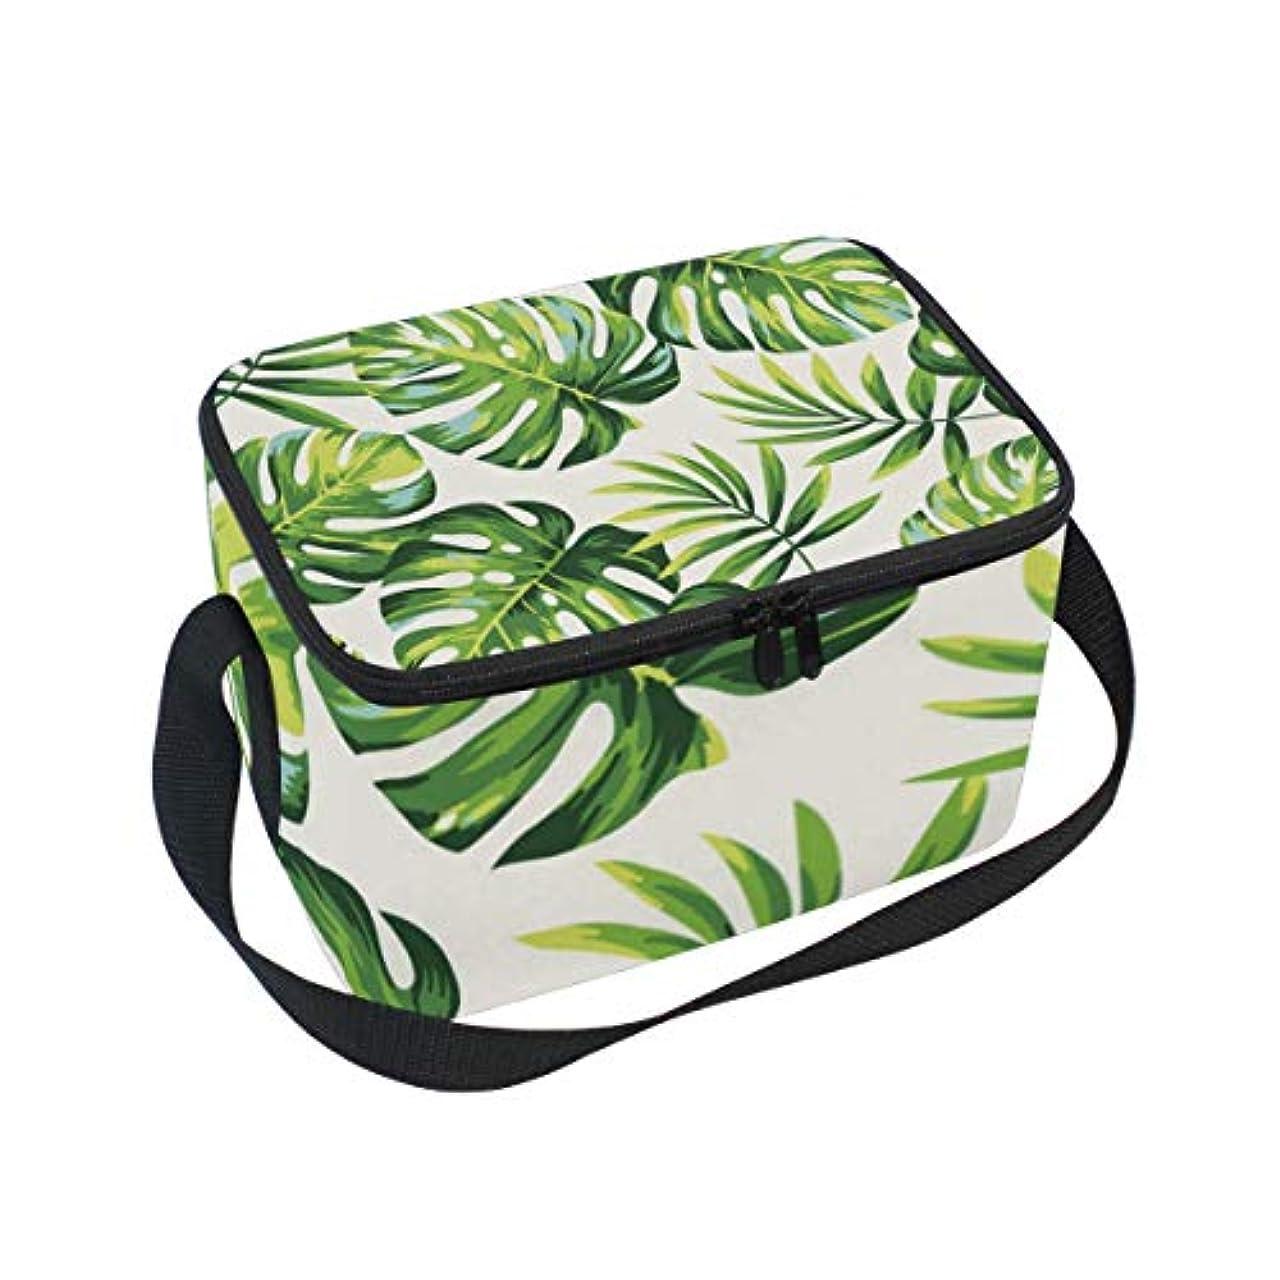 開発共和国うがいクーラーバッグ クーラーボックス ソフトクーラ 冷蔵ボックス キャンプ用品 木ノ葉柄 緑 水彩絵 保冷保温 大容量 肩掛け お花見 アウトドア